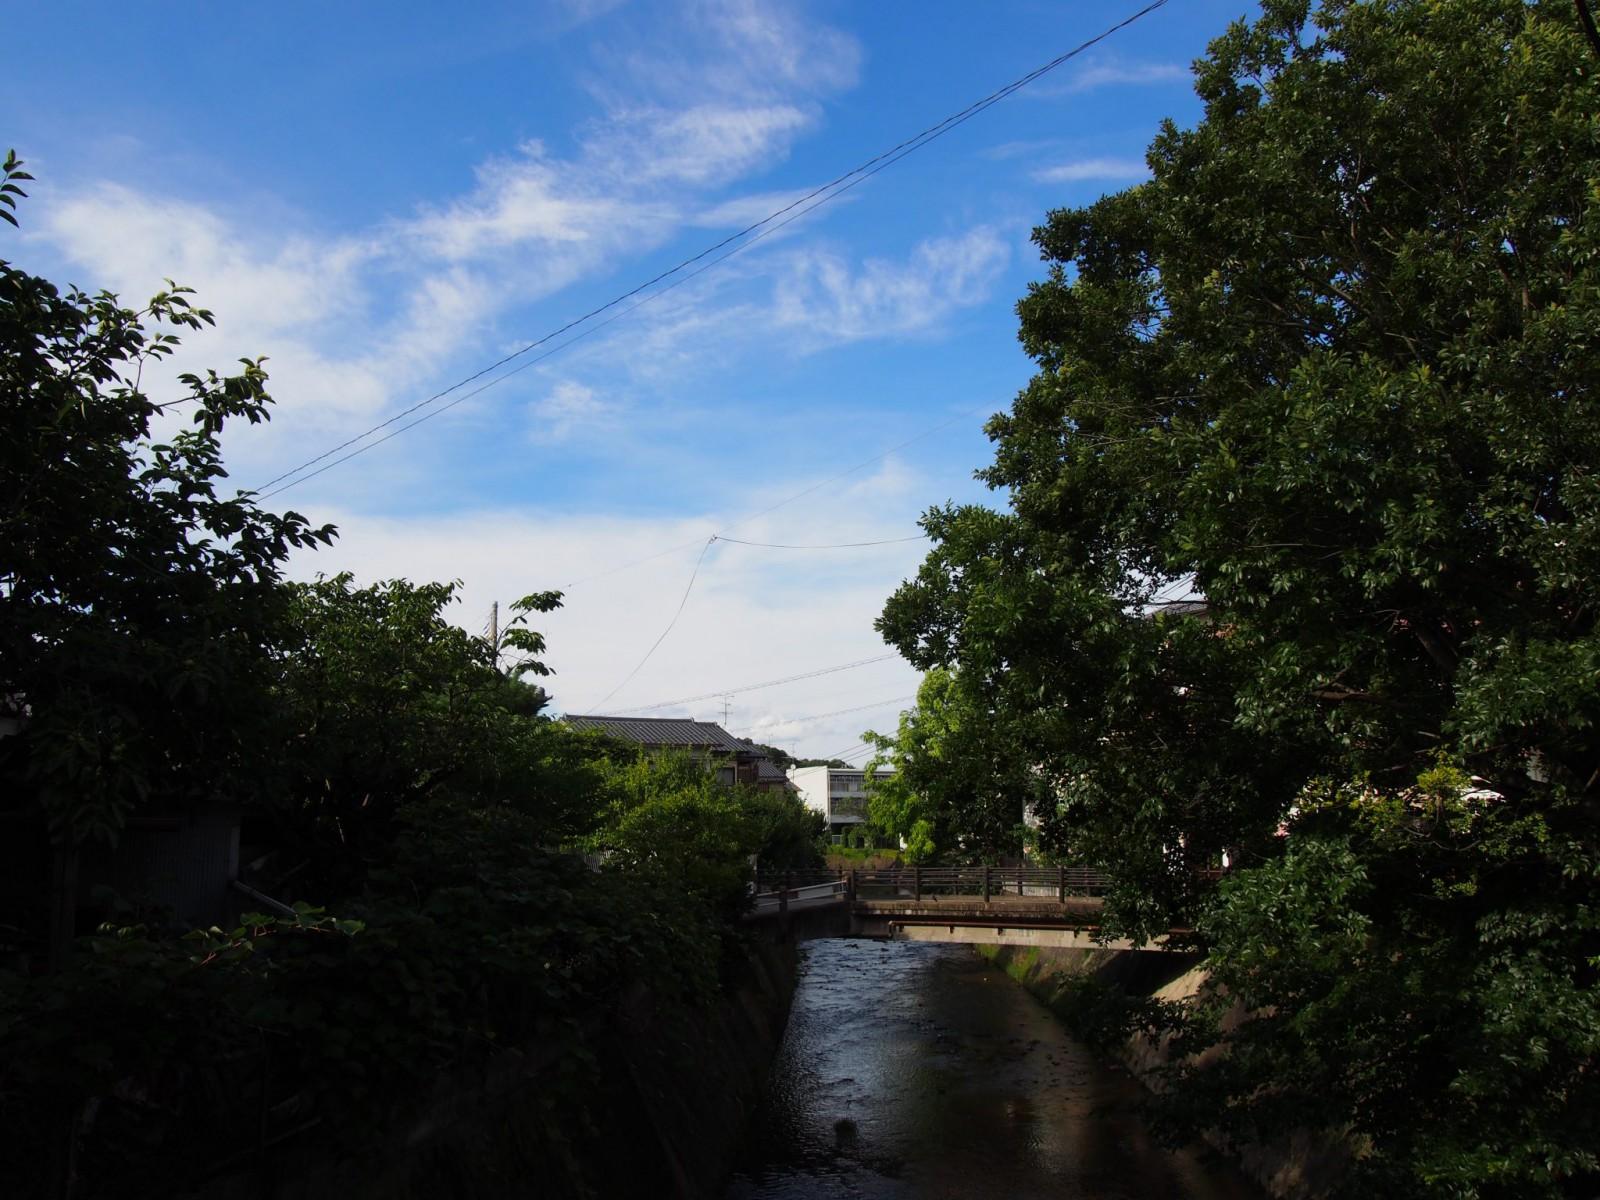 法蓮町を流れる佐保川(長慶橋付近)